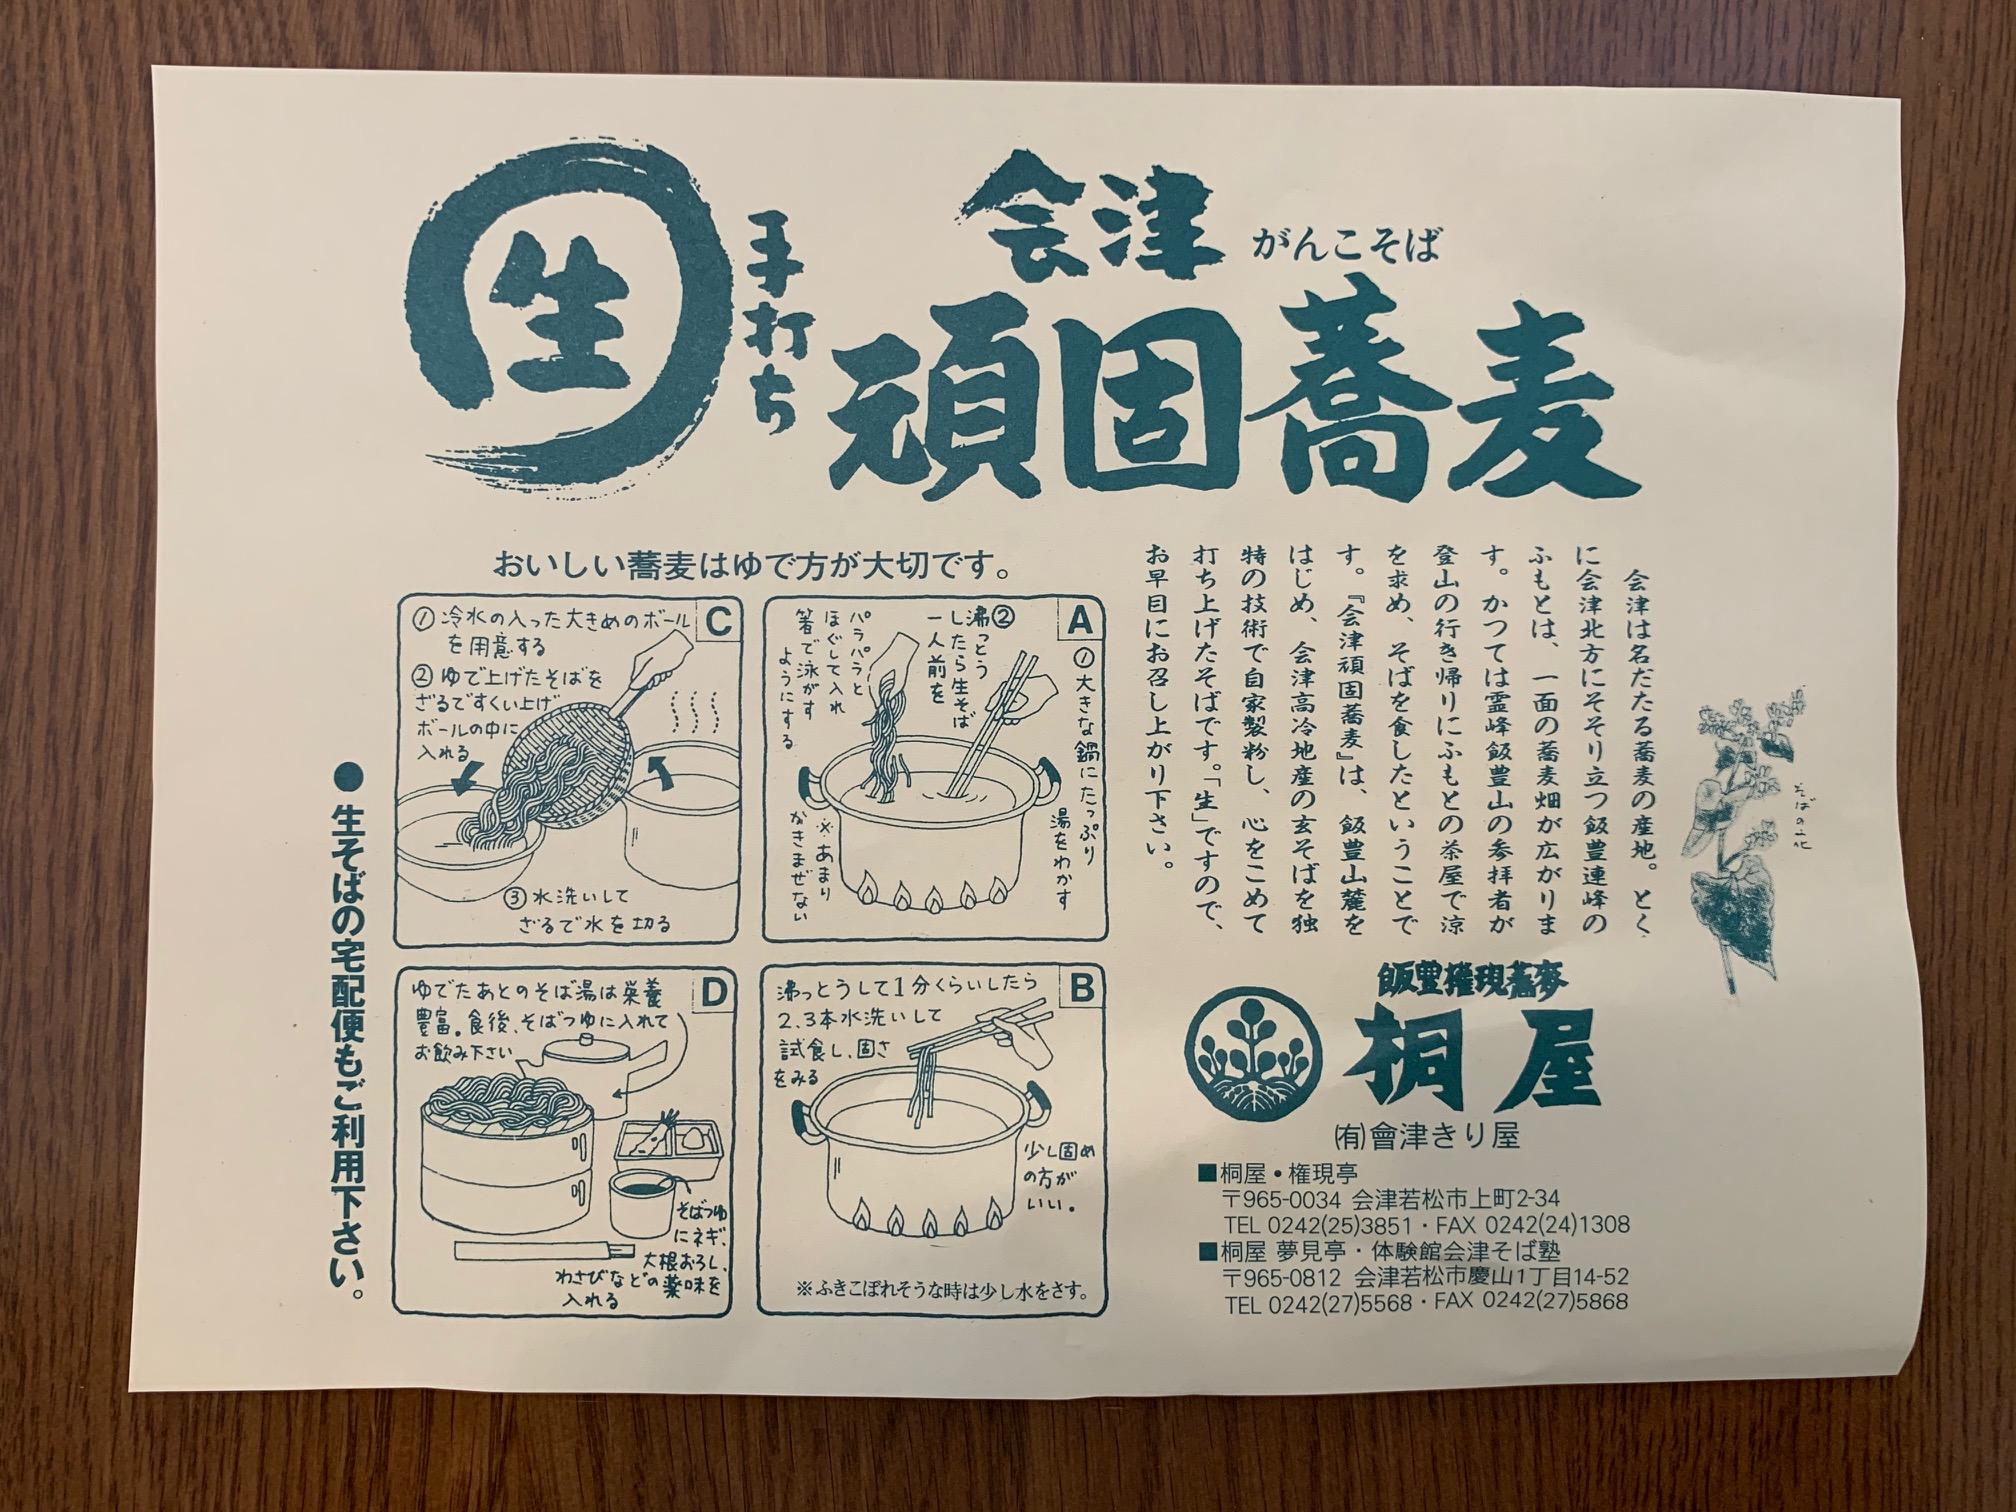 茹で 生 方 蕎麦 お蕎麦の美味しい茹で方 そば粉・福井越前そば粉の製造販売